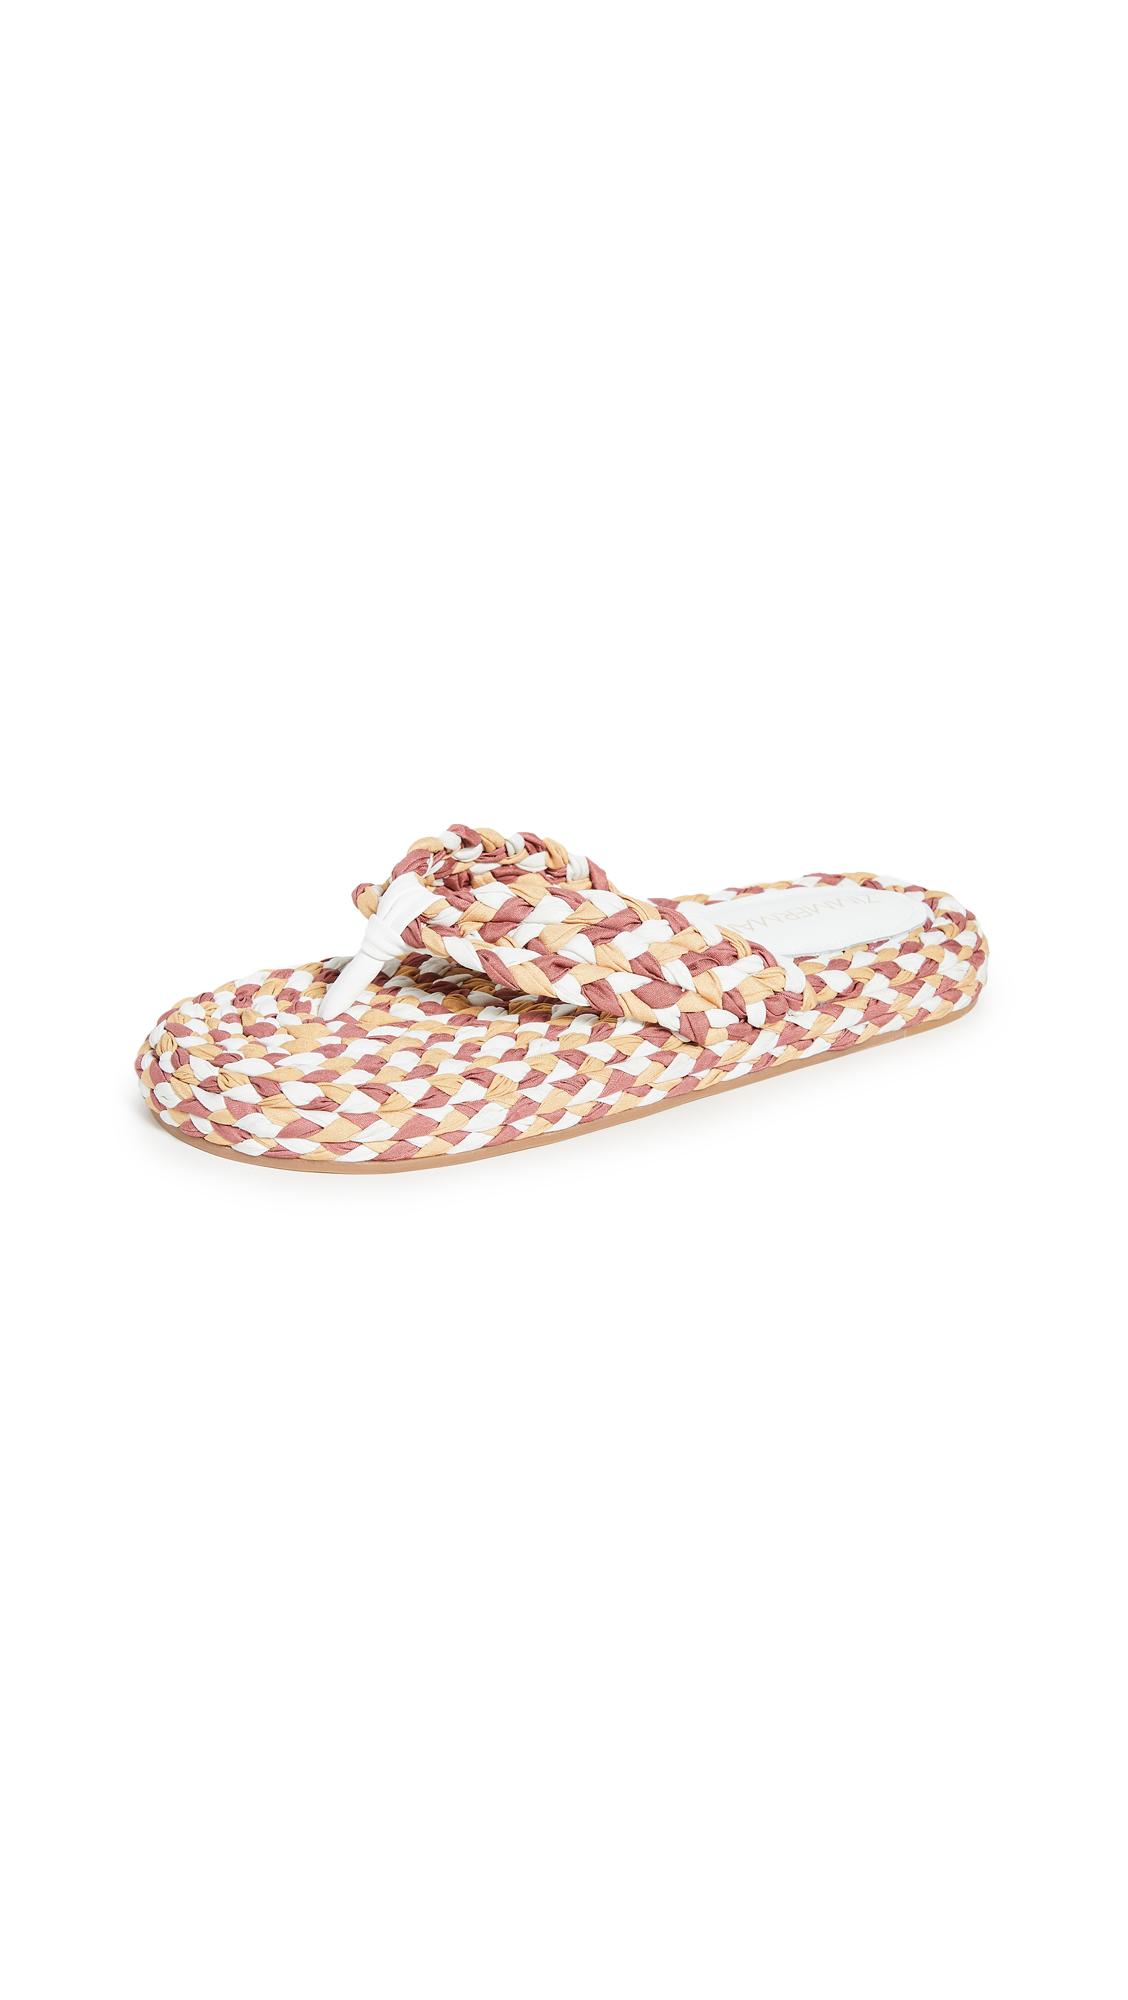 Zimmermann Cotton Braid Sandals - Yellow Multi